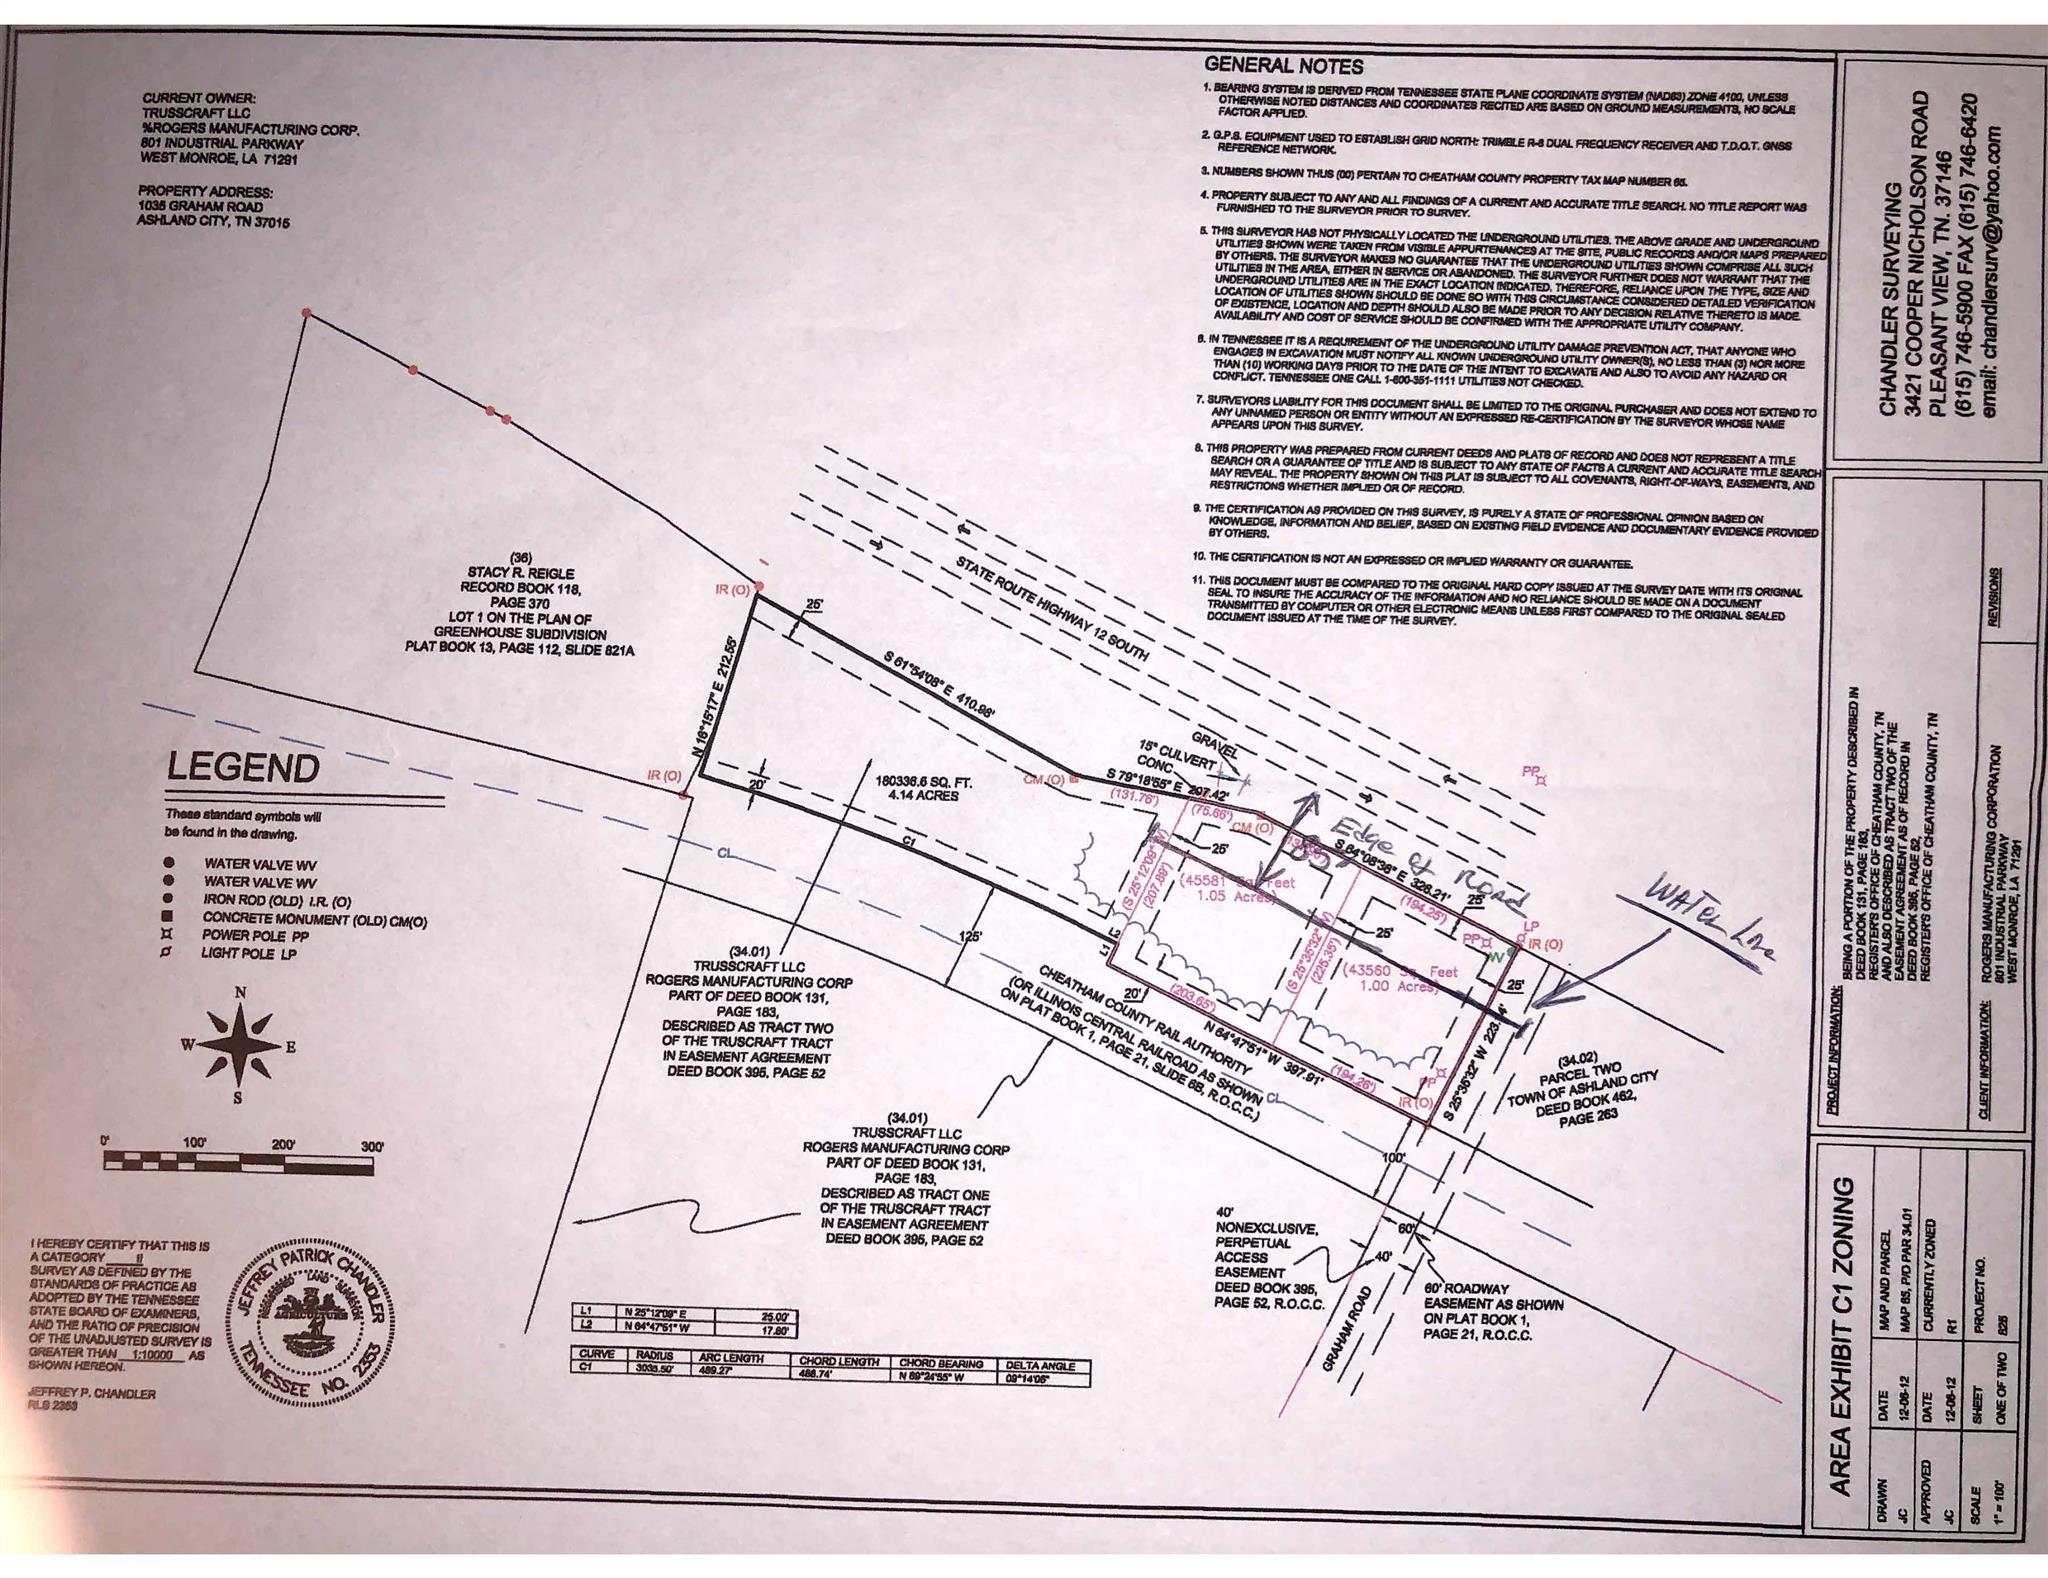 0 Hwy 12, Ashland City, TN 37015 - Ashland City, TN real estate listing